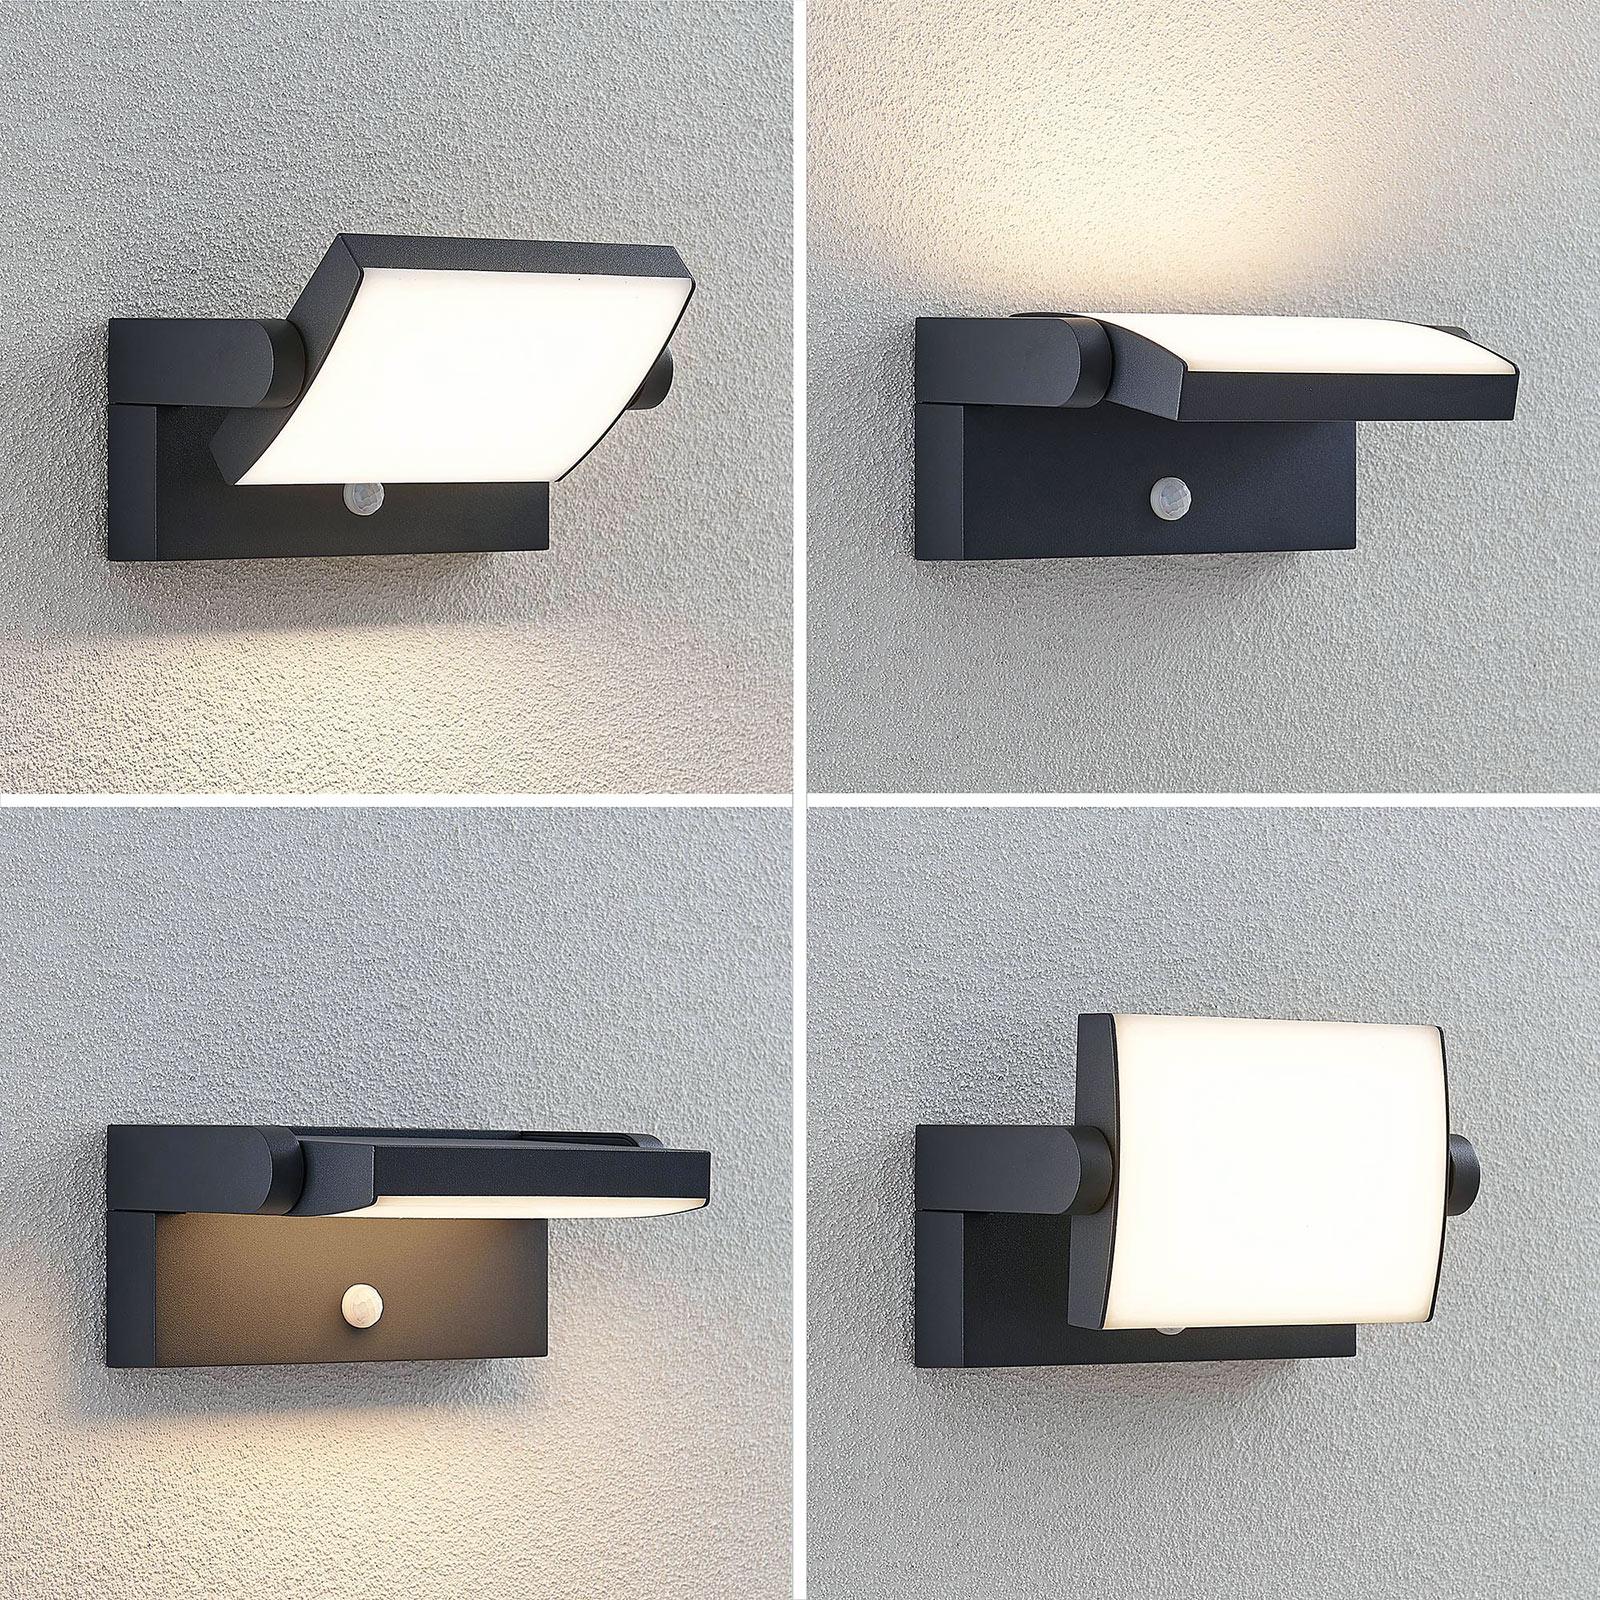 Lureshine LED Au/ßenleuchte mit Radarwarner Wandleuchte 18W 1800LM Au/ßenlampe 6000K Kaltwei/ß IP65 Wasserdicht Au/ßenbeleuchtung Geeignet f/ür Au/ßenw/ände Garagen G/ärten Tore usw.